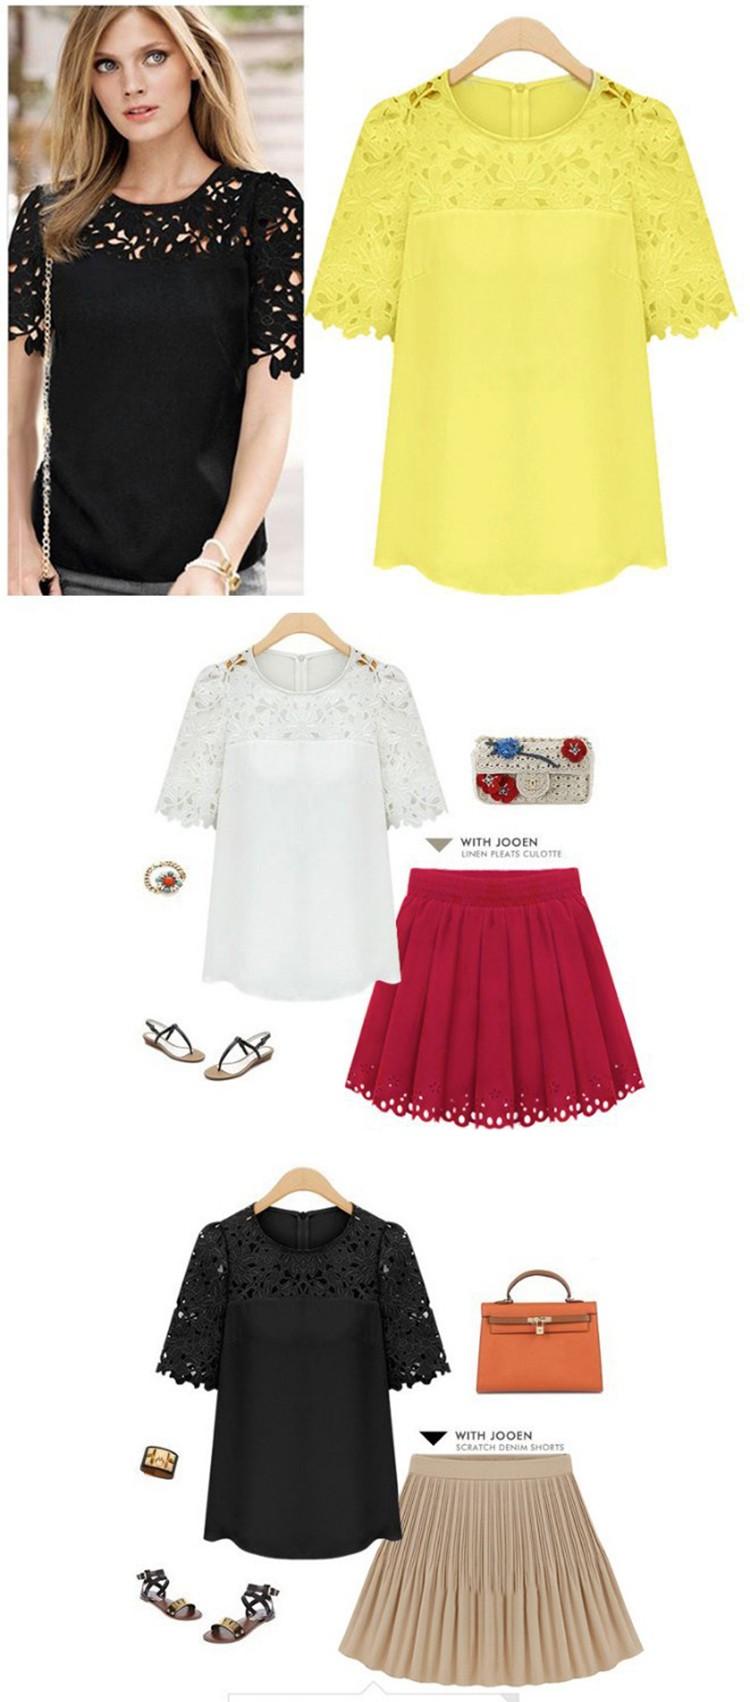 HTB1MMX LVXXXXa9XpXXq6xXFXXXQ - Women Clothing Summer Feminine Short Sleeve Chiffon Blouse